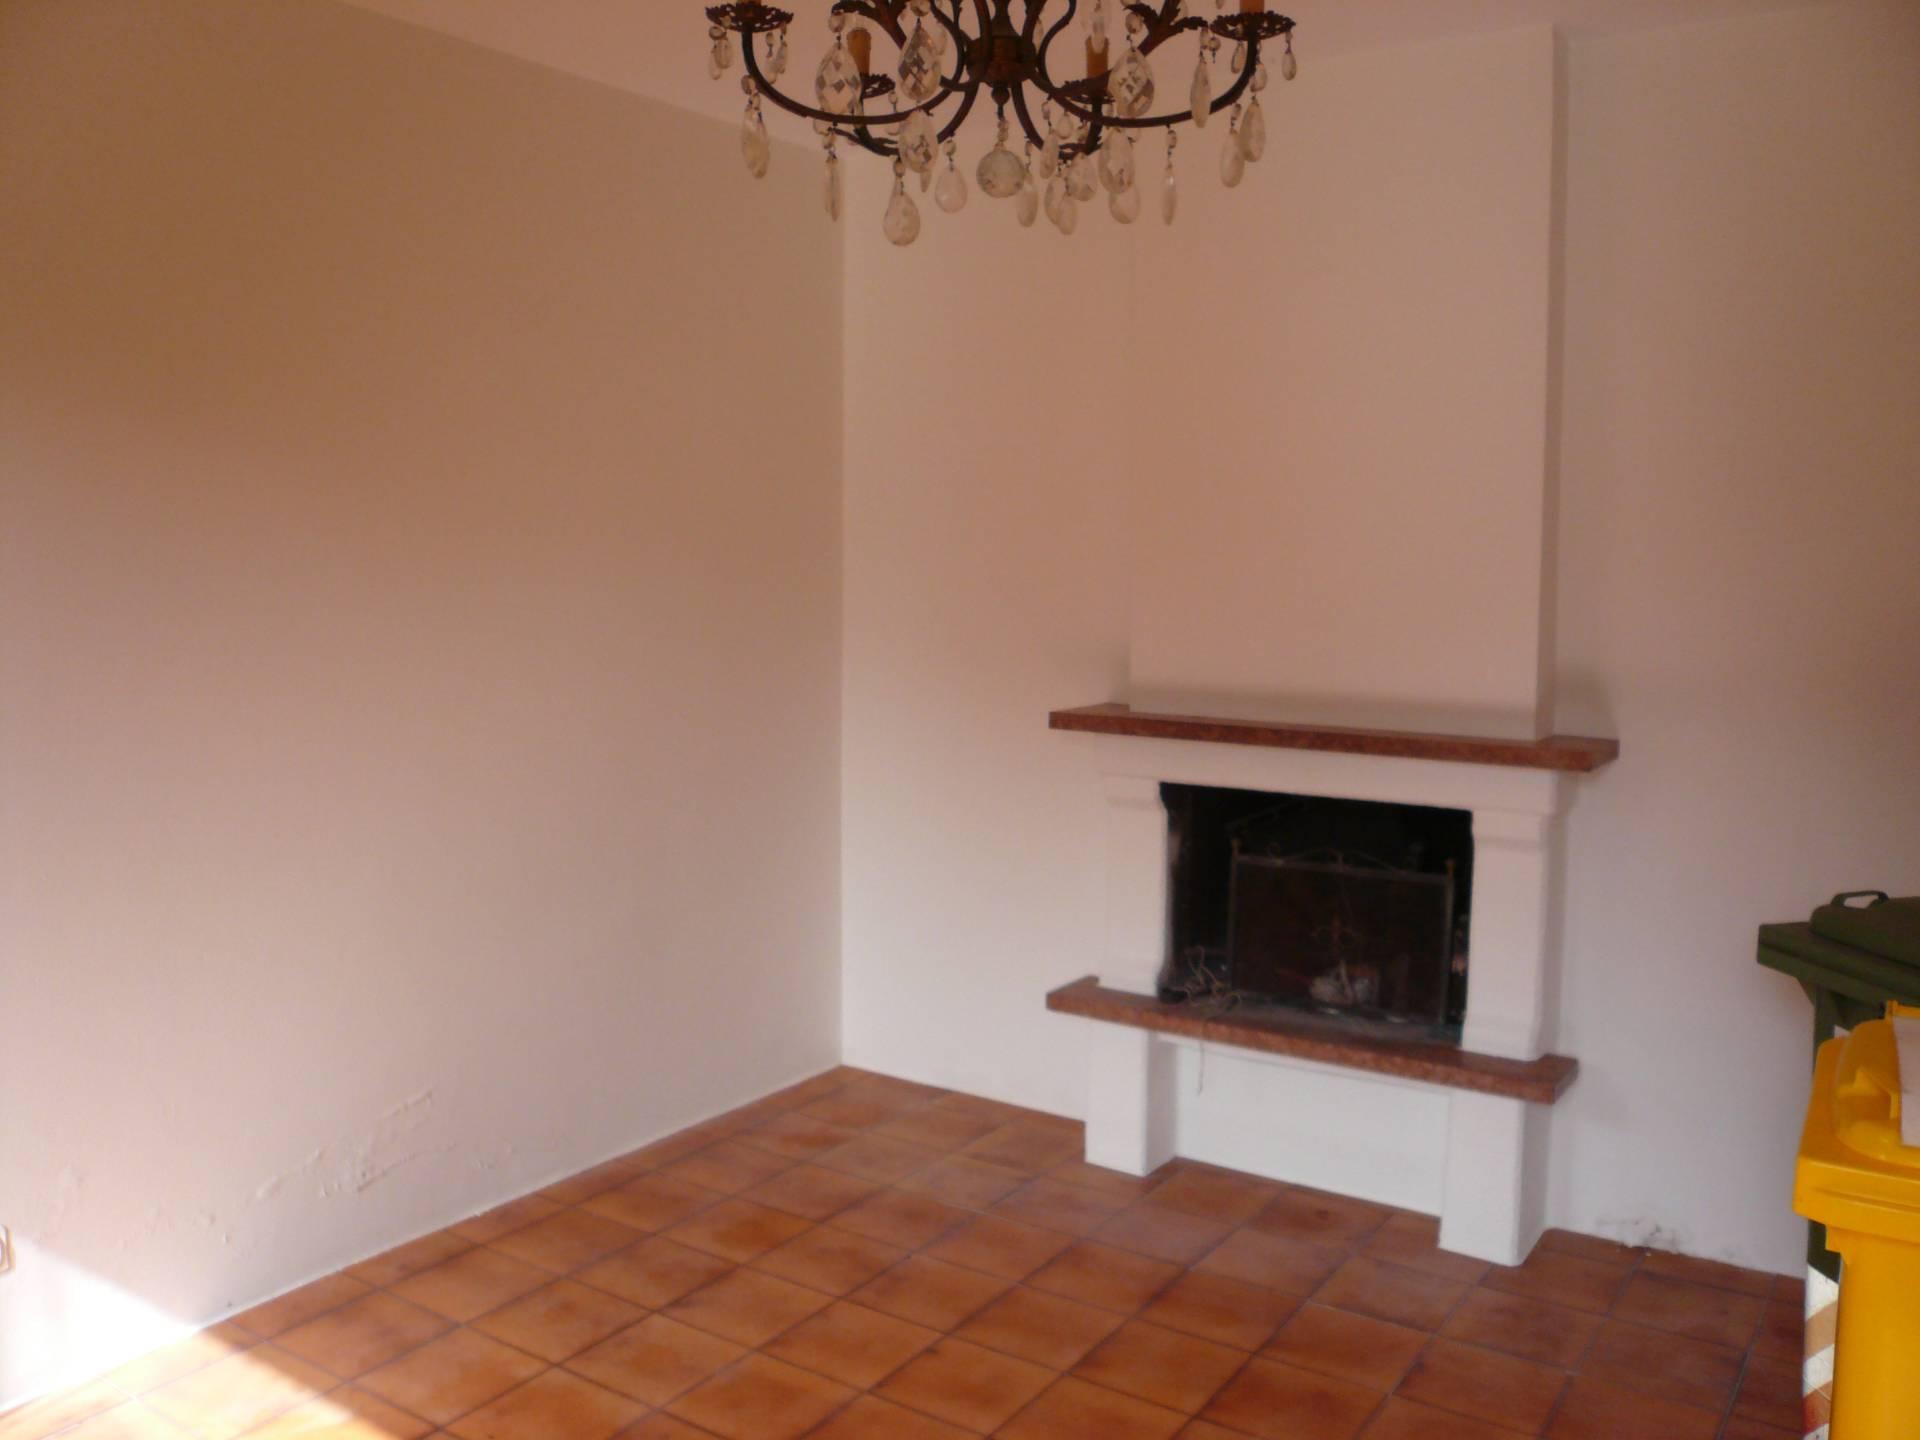 Villa in vendita a Silea, 10 locali, zona Zona: Lanzago, prezzo € 130.000 | Cambio Casa.it